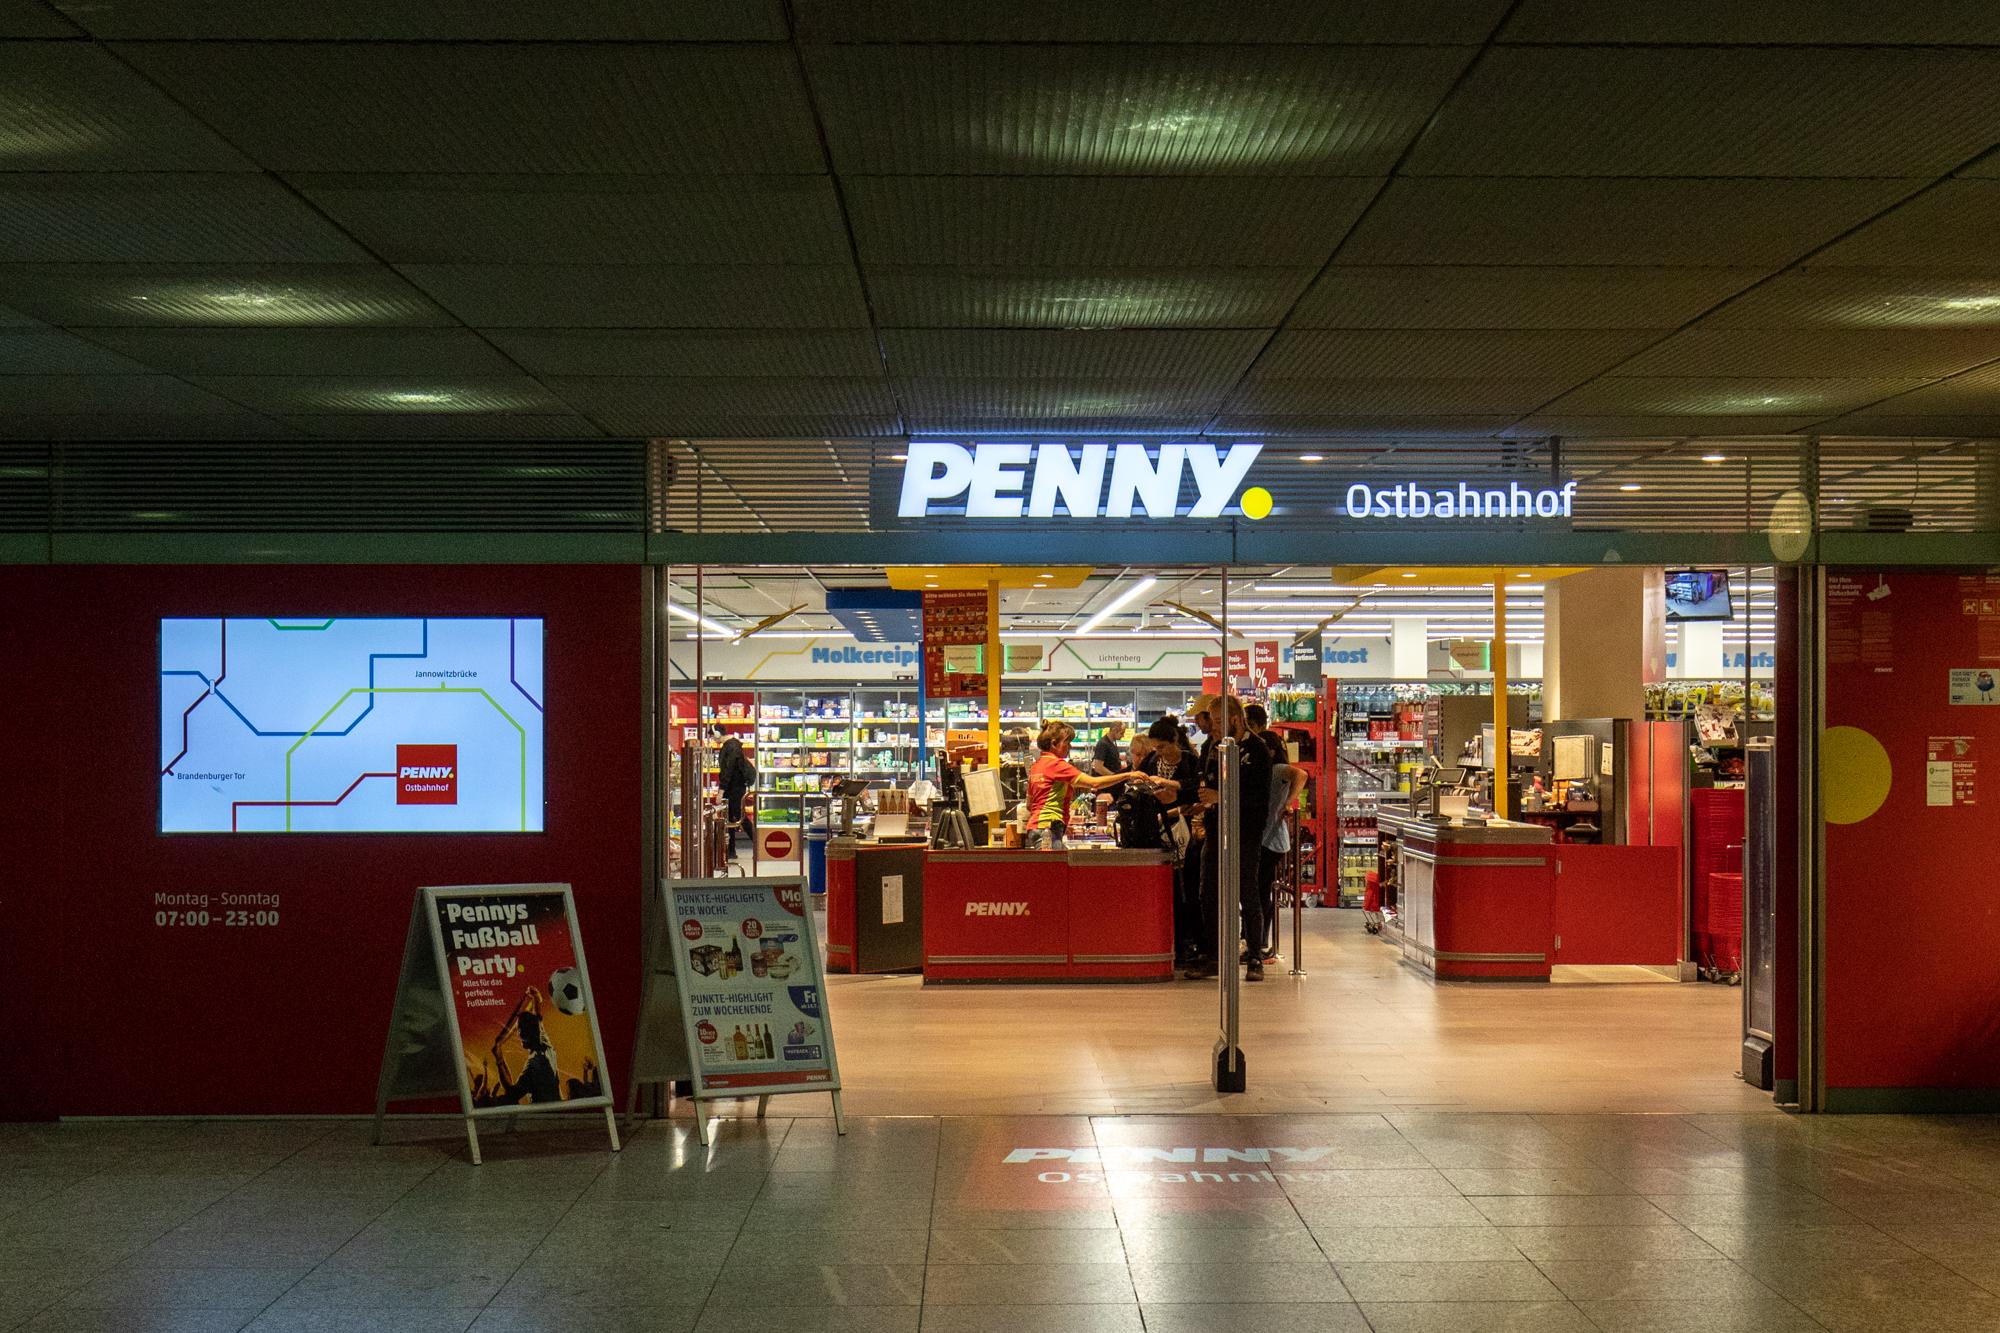 Penny Ostbahnhof - einer der sonntags geöffneten Supermärkte in Berlin